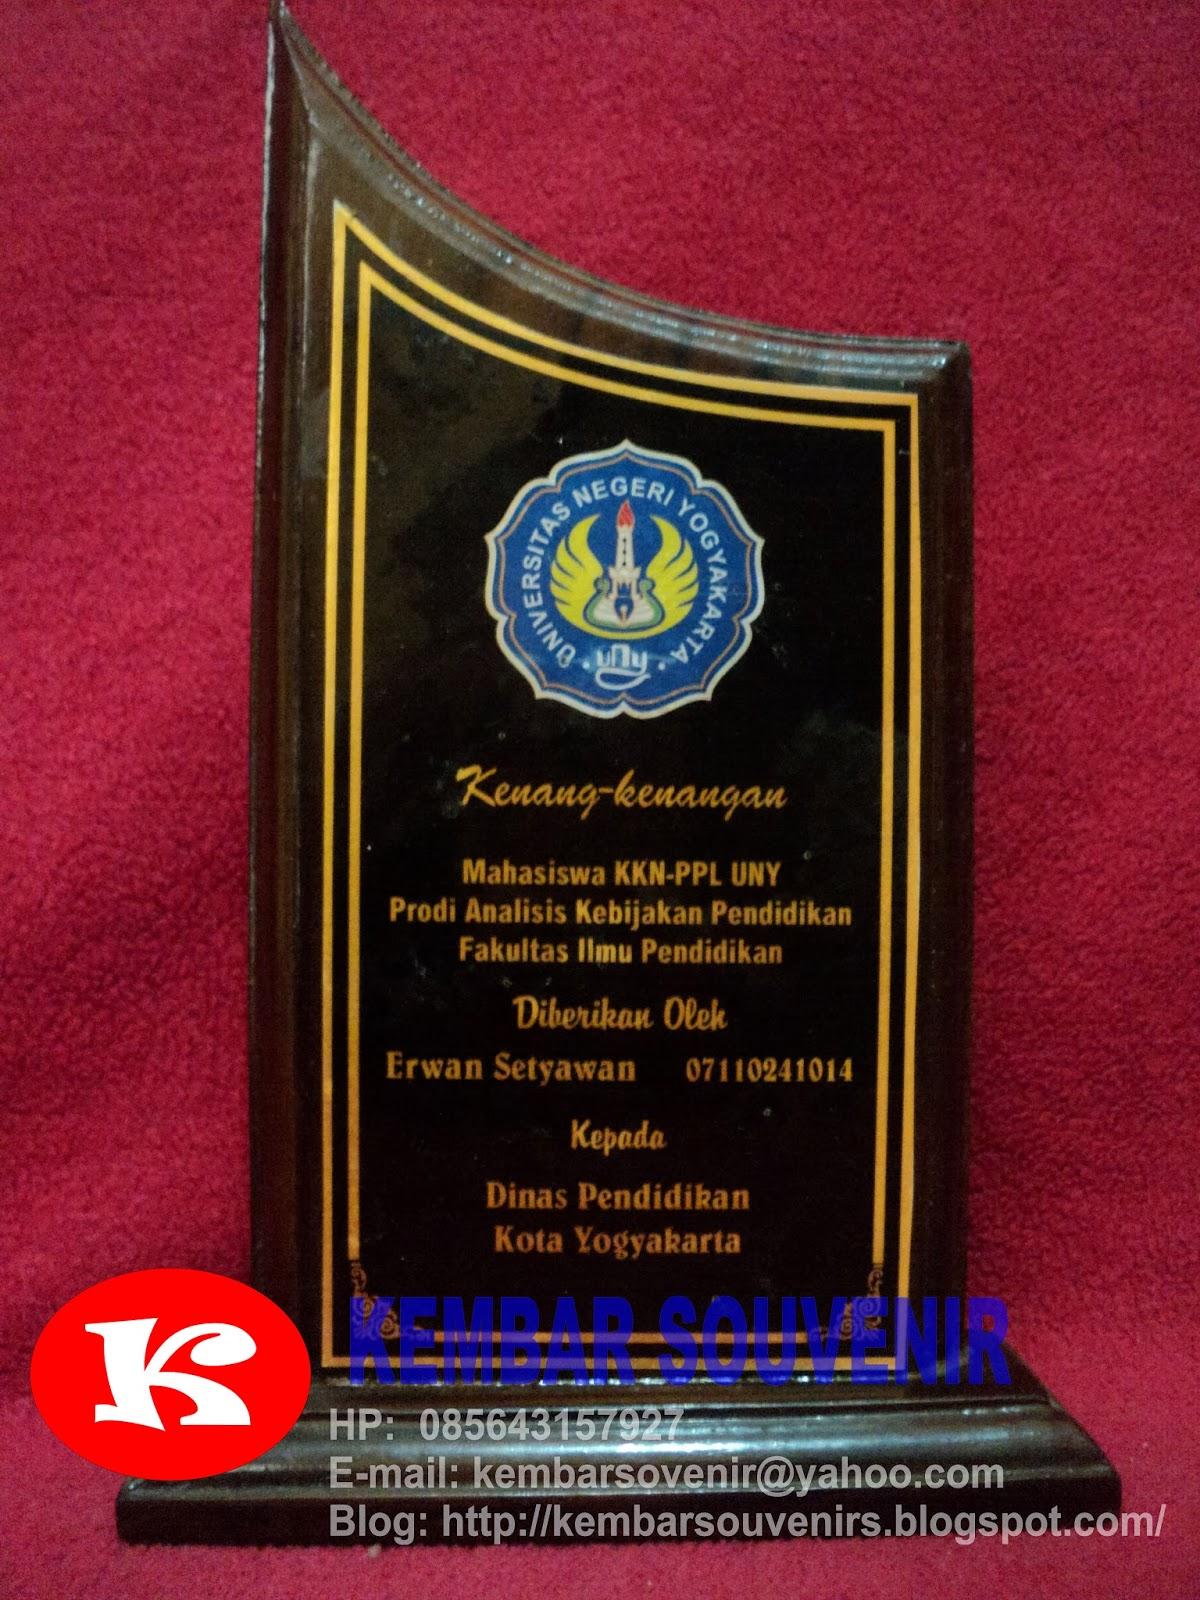 Harga Plakat Jual Plakat Plakat Akrilik Plakat Seminar Trophy